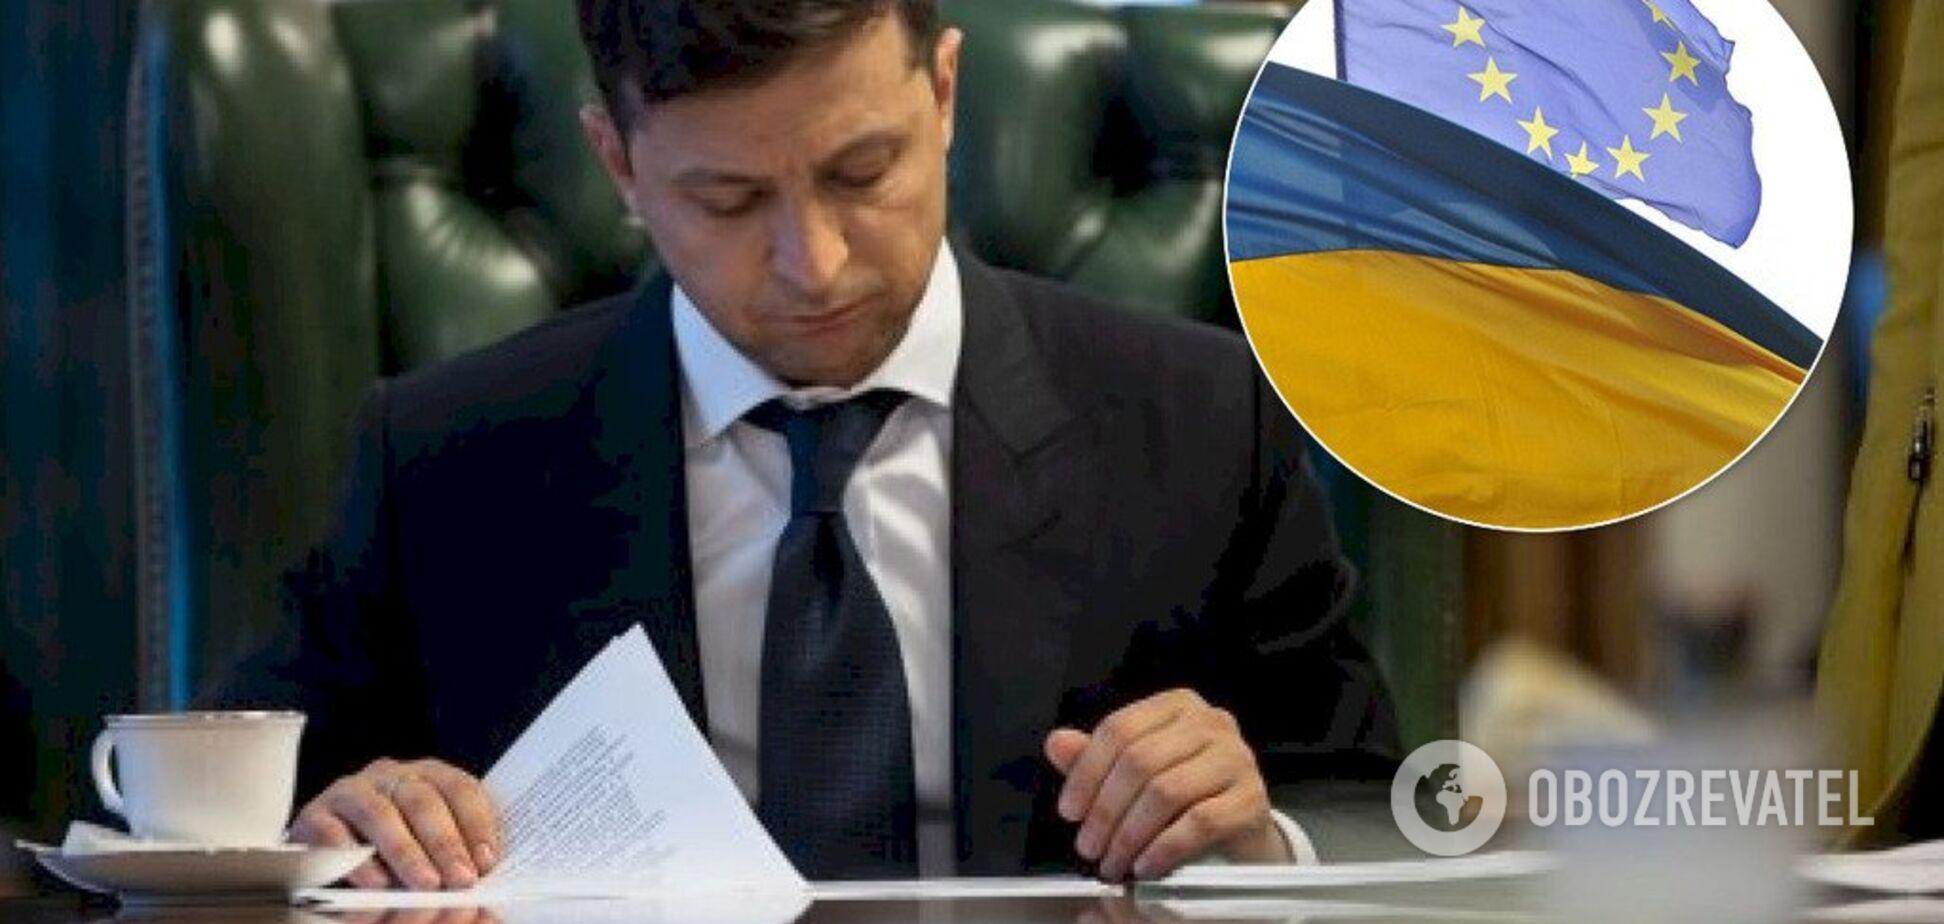 Зеленский пошел навстречу бизнесу: подписан закон для промышленного безвиза с ЕС